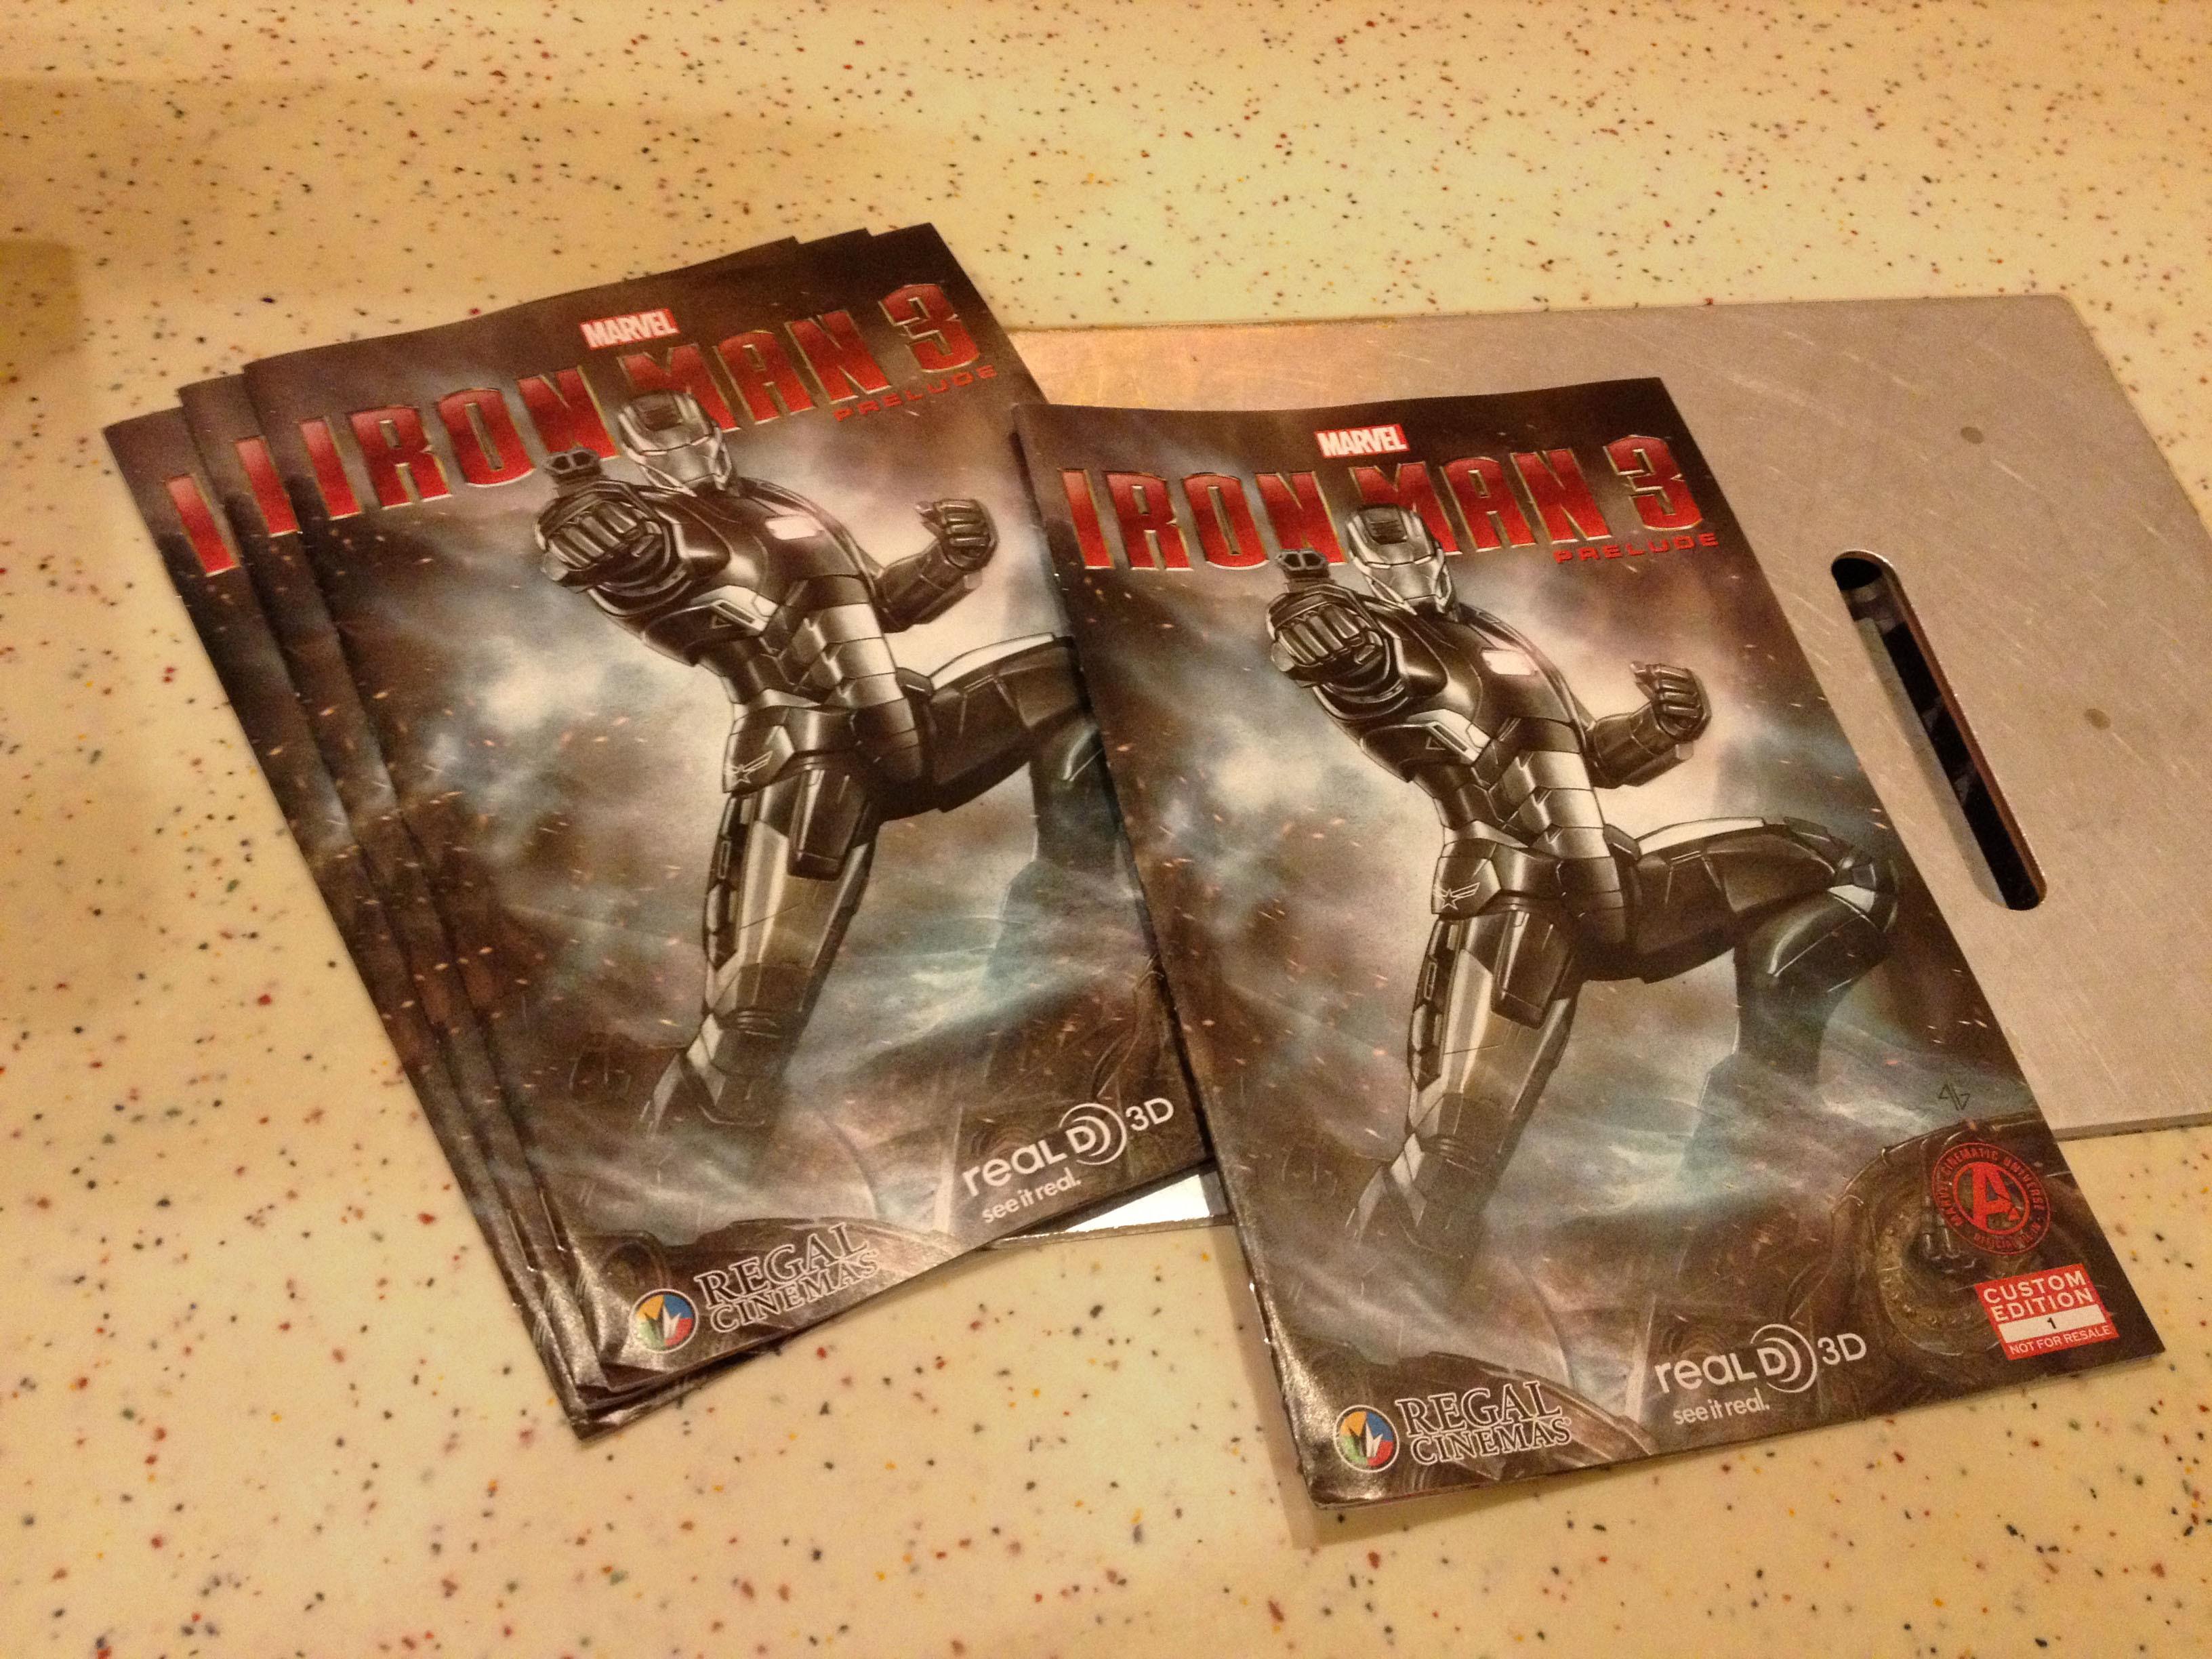 Bekannt Regal Entertainment Group Announces Exclusive Comic Book Giveaway IZ59